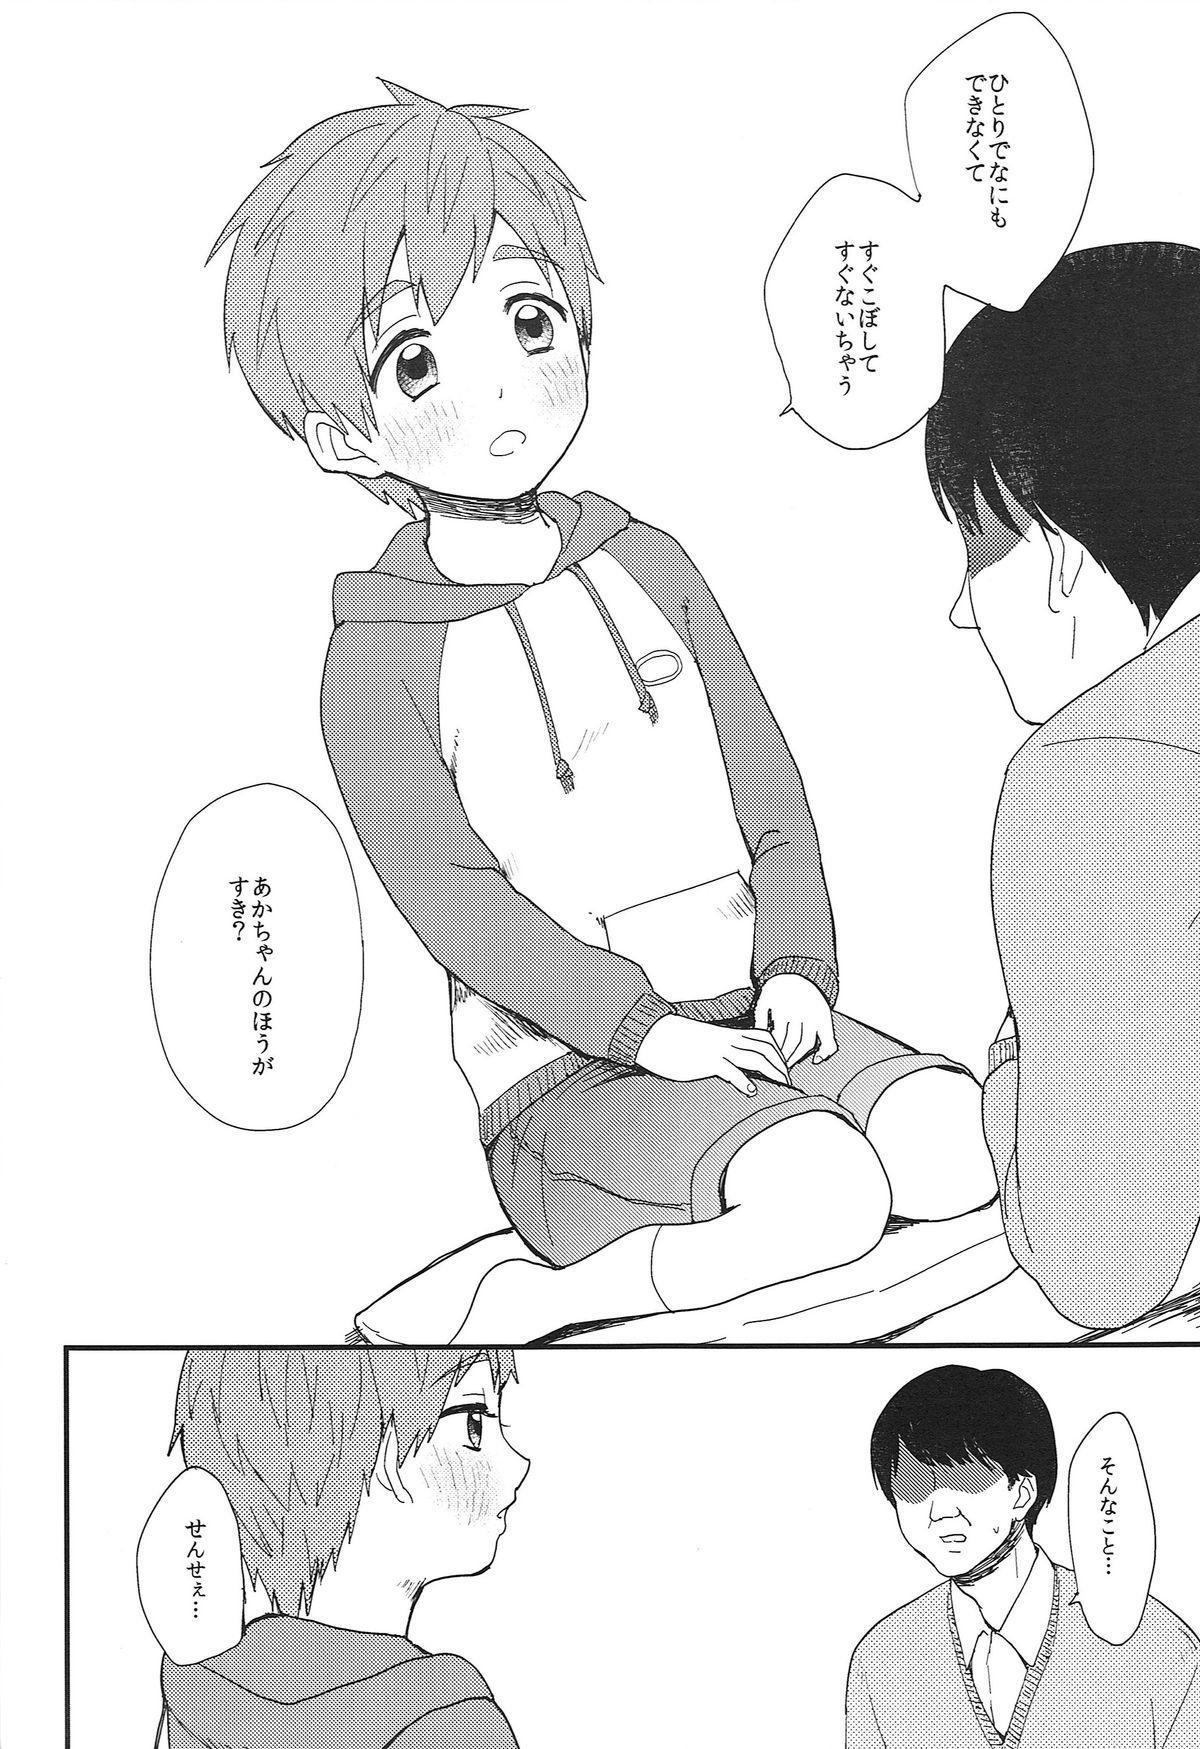 Onii-chan ni Naritakunai Yamai 12